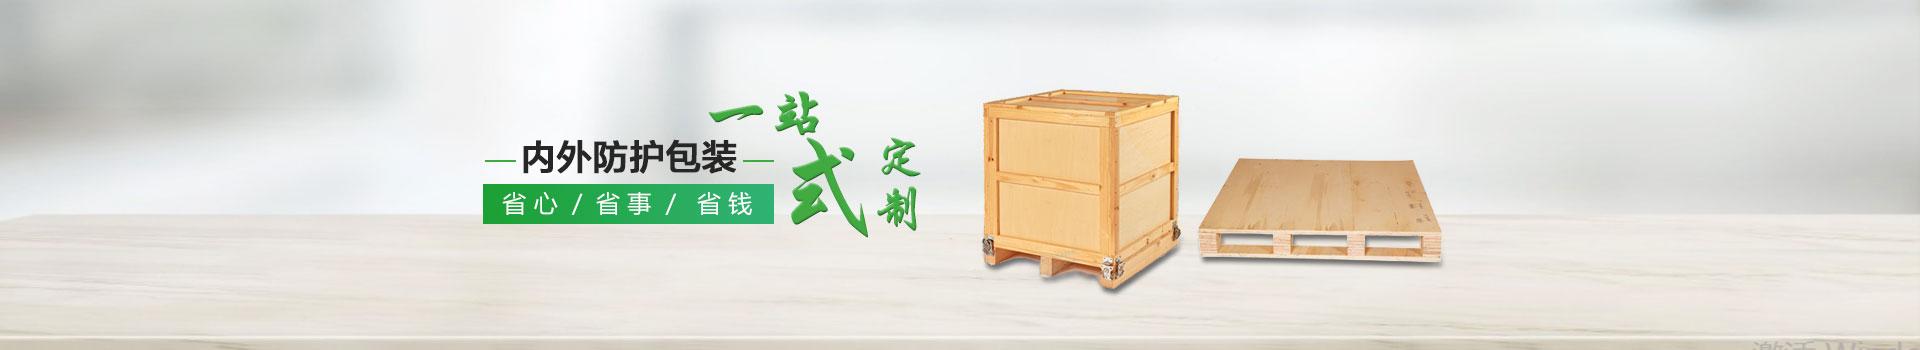 鼎屹包装配套产品,一站式定制